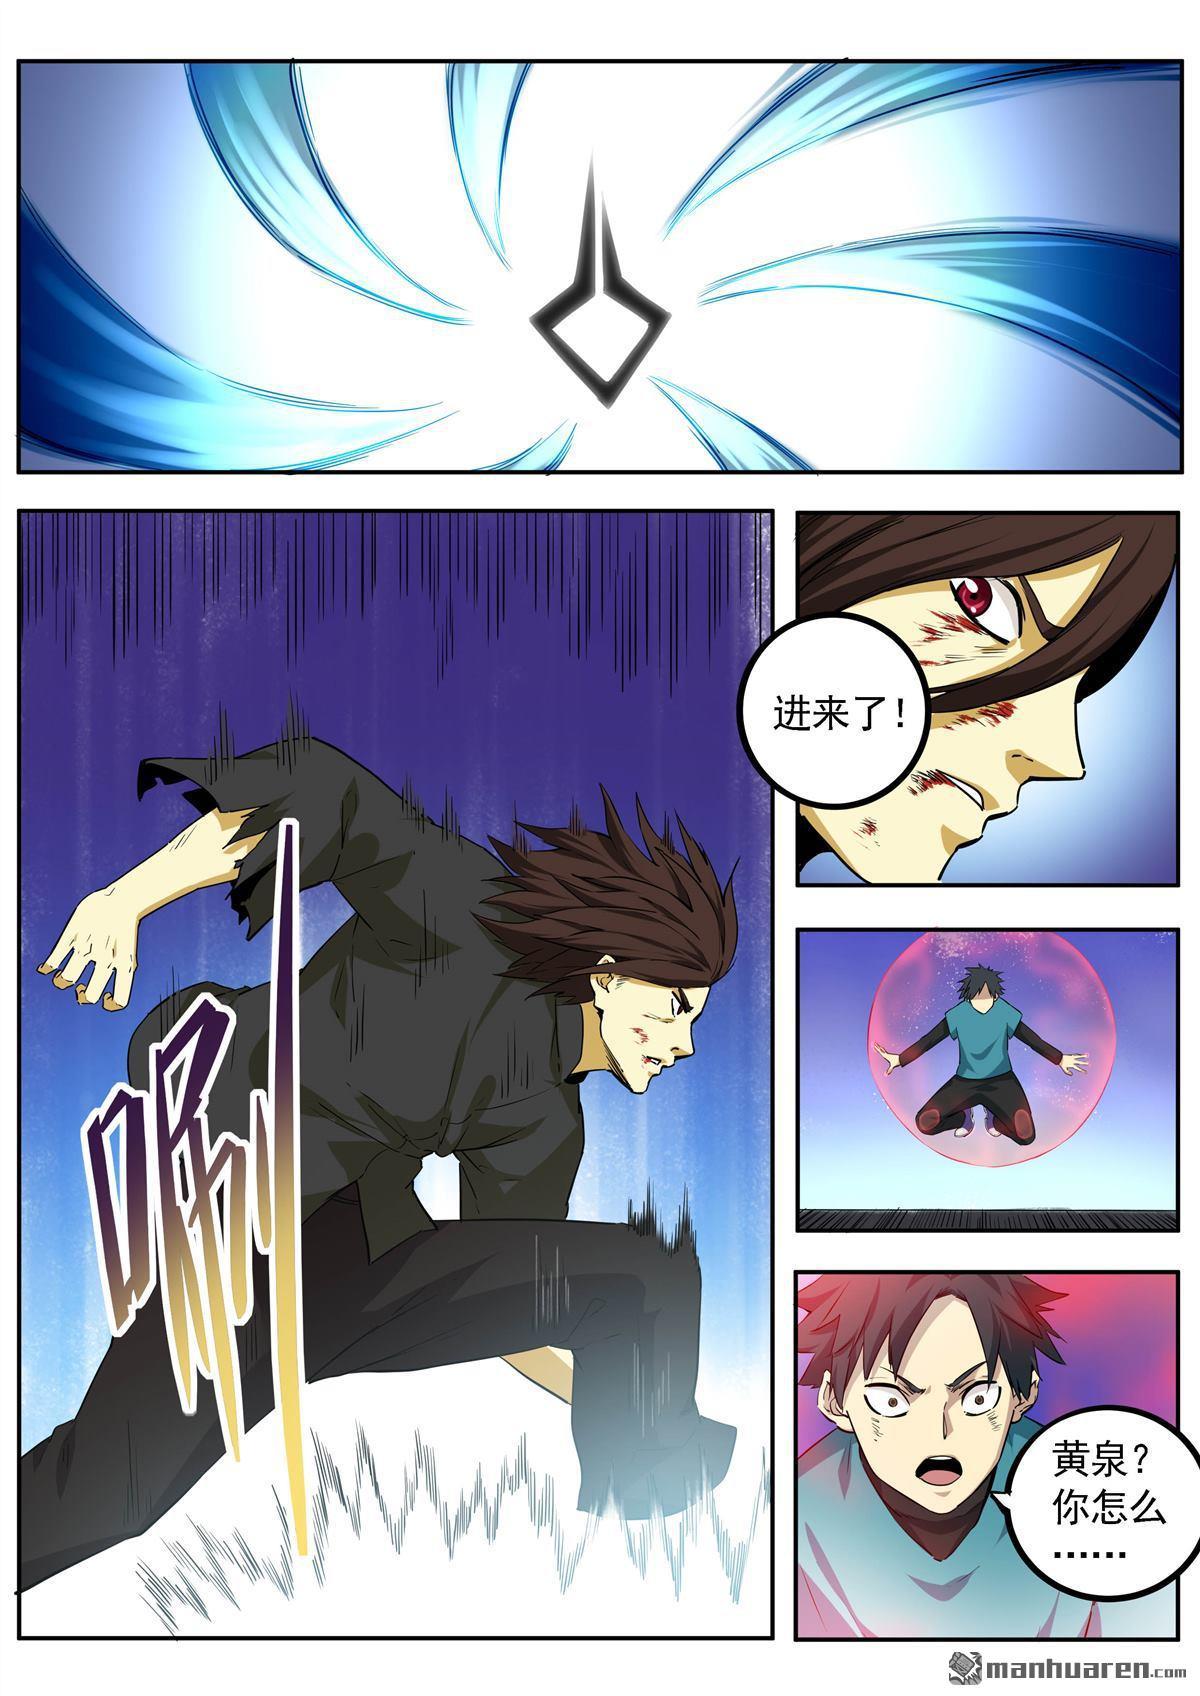 半神之境漫畫第83回火神的覺悟(10P)(第1頁)劇情-二次元動漫